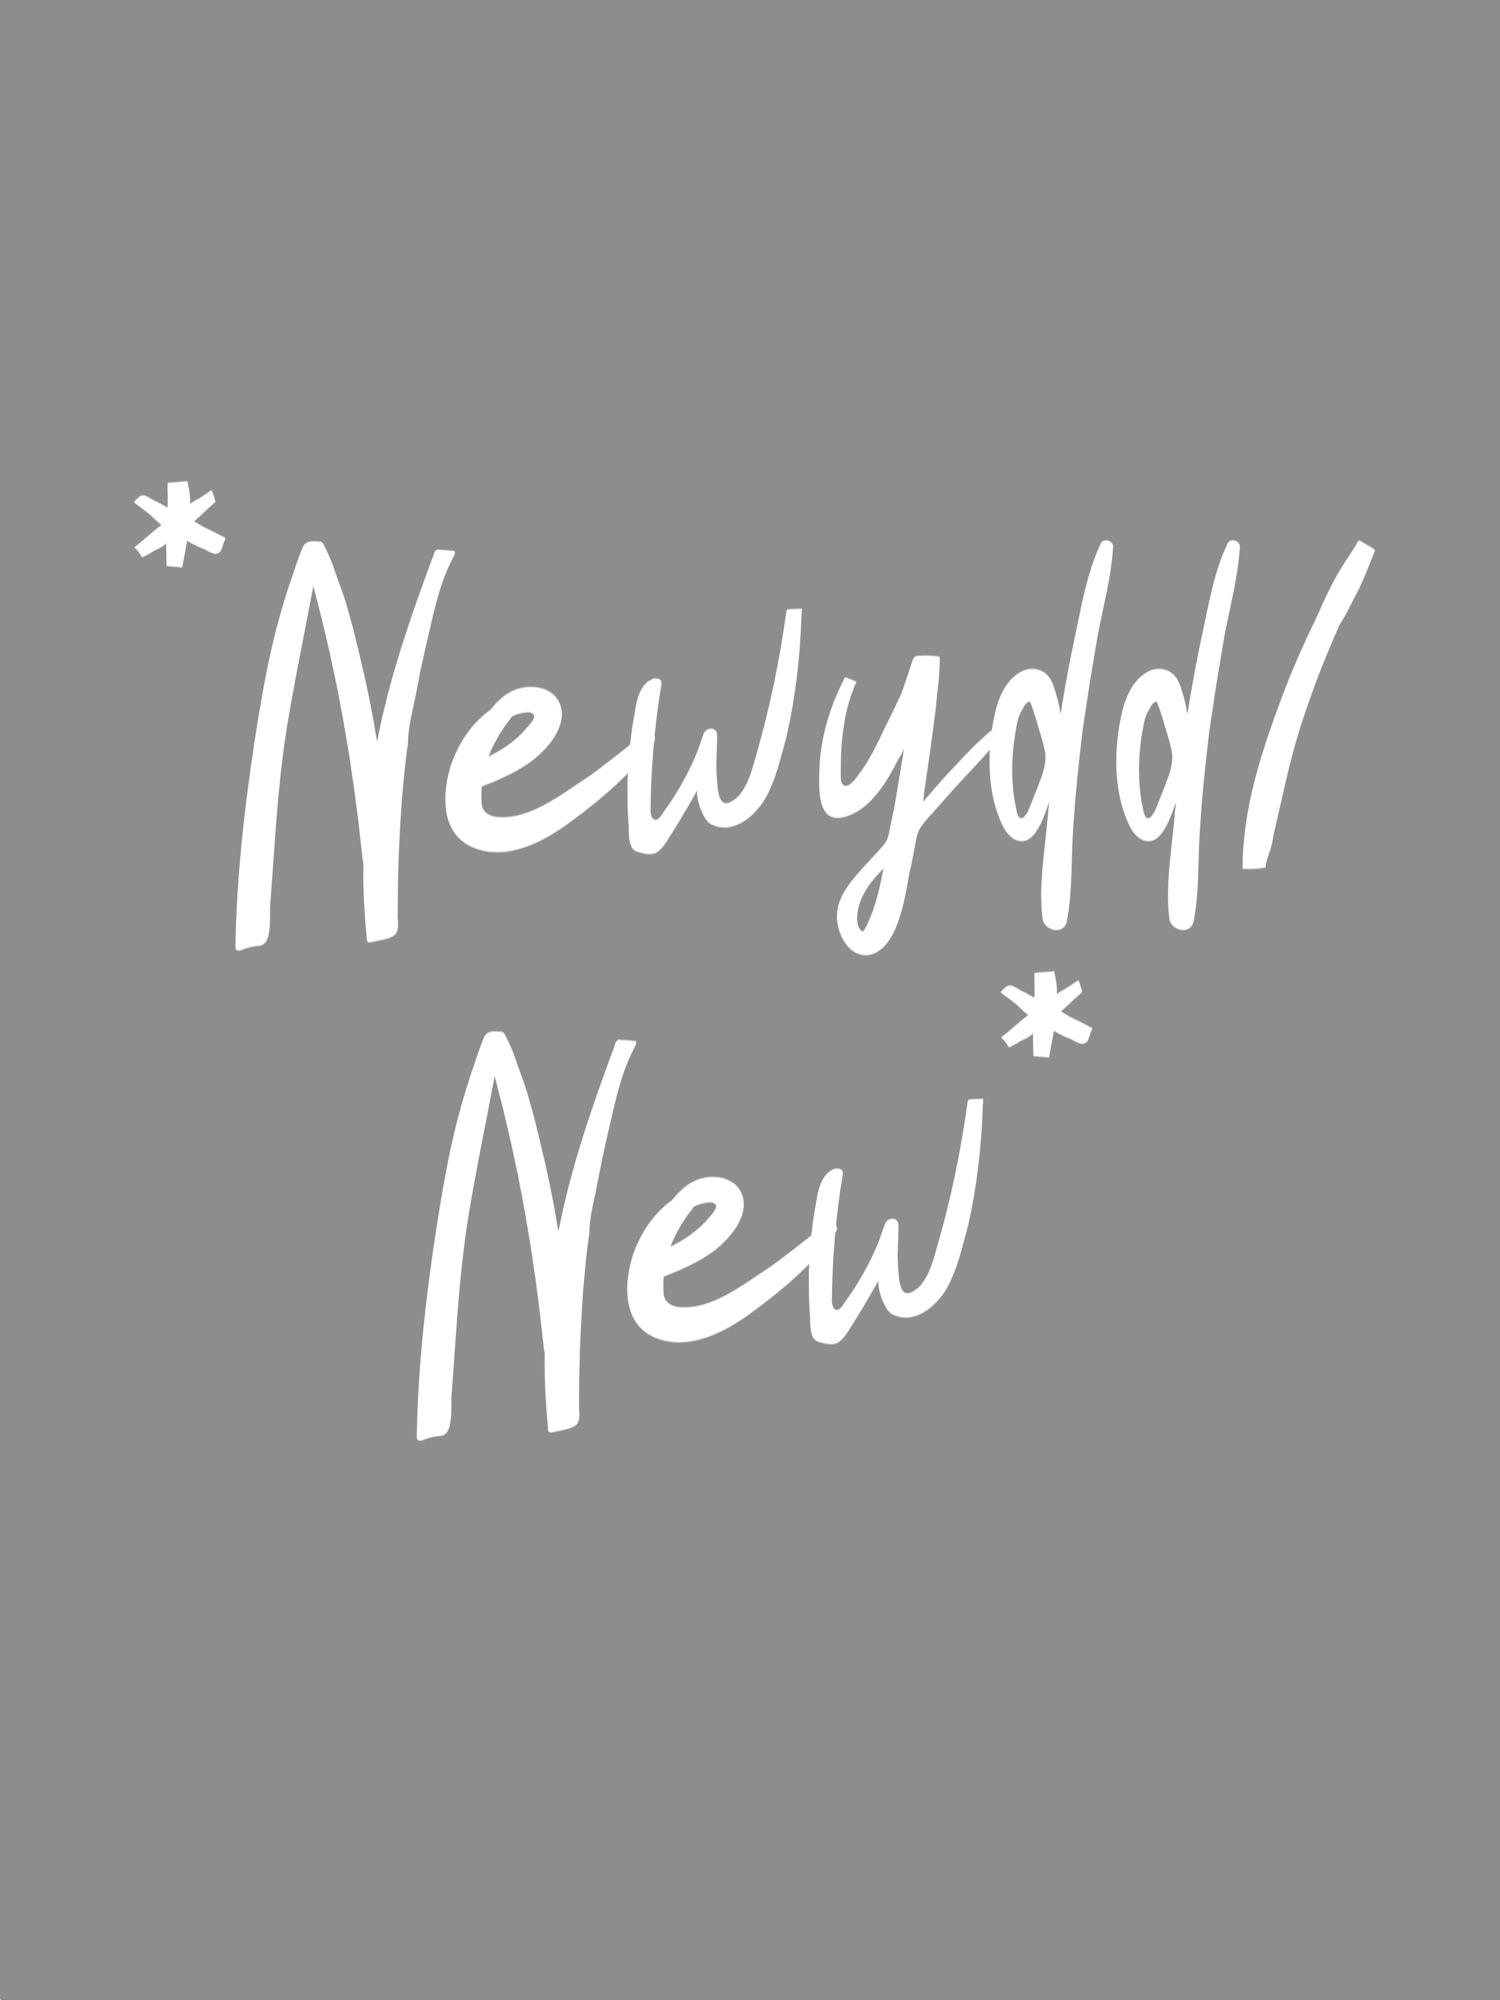 new/newydd